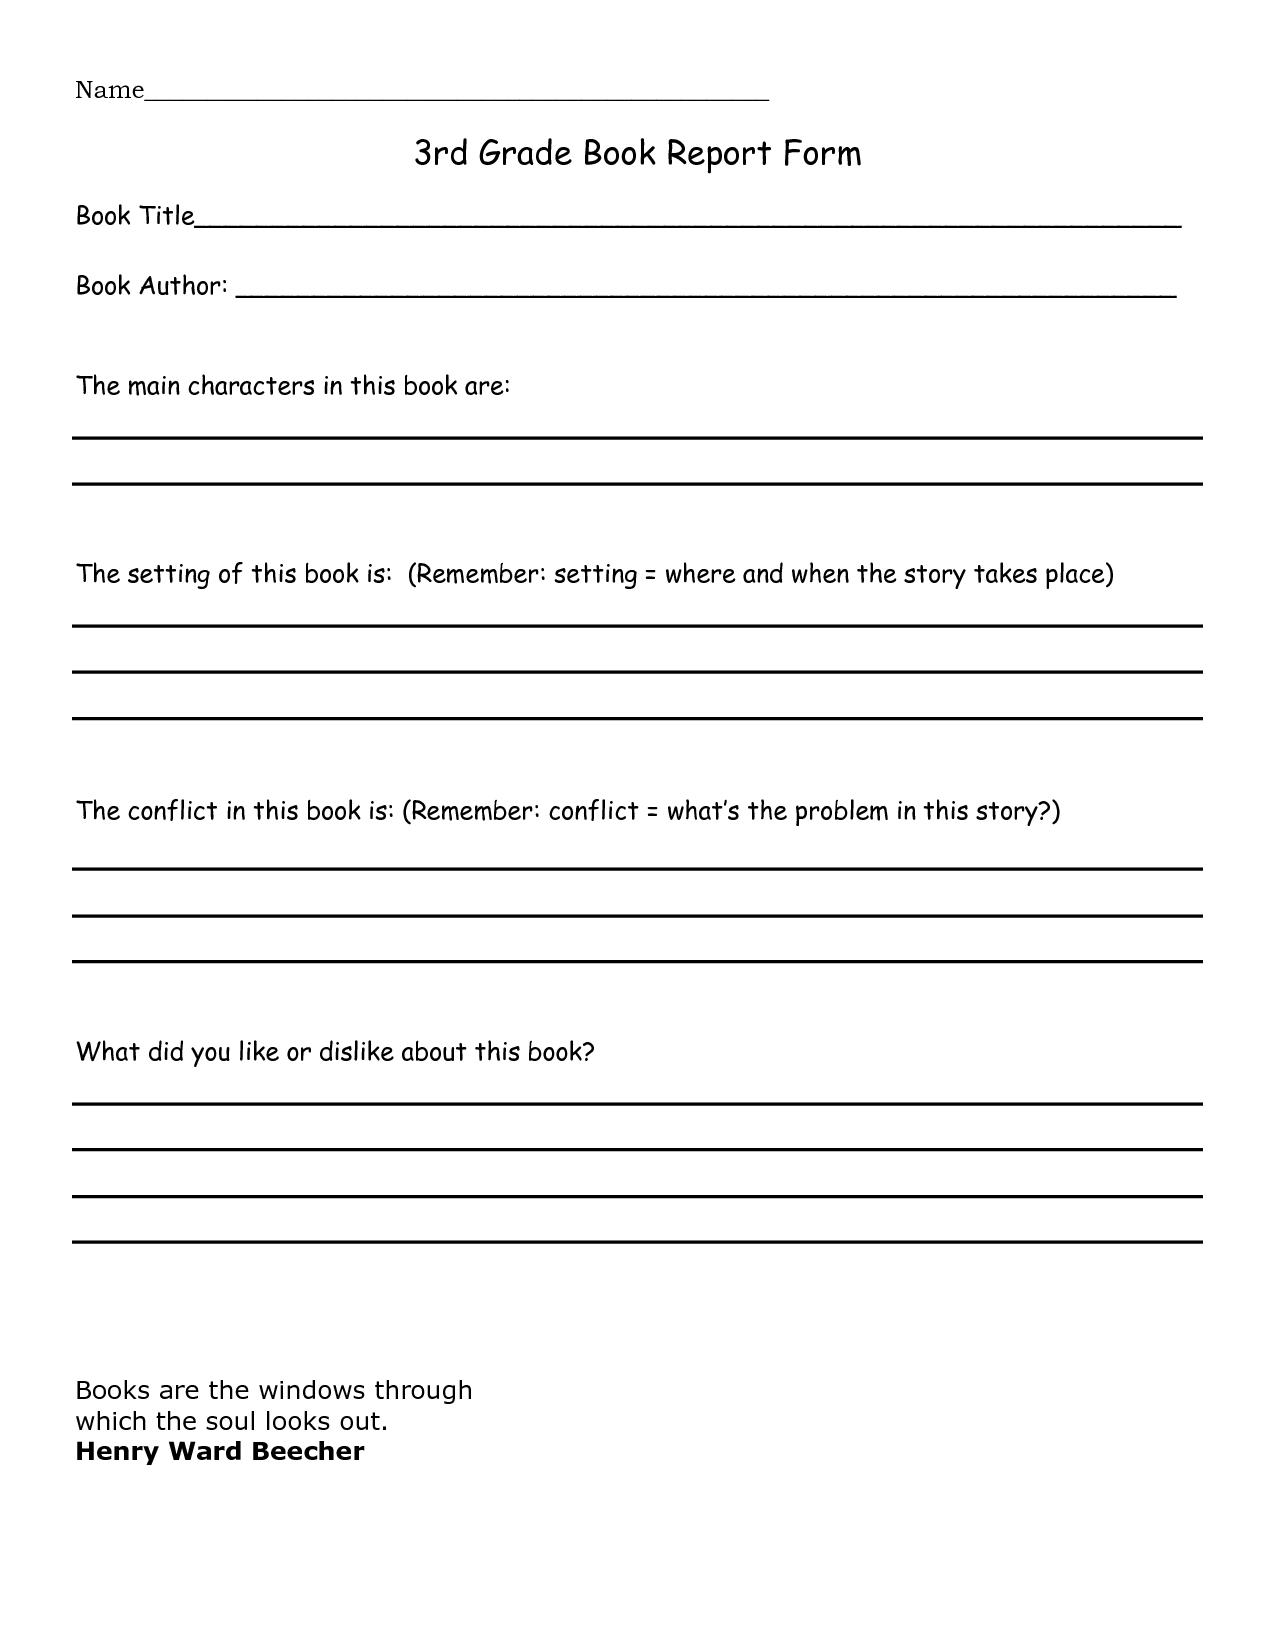 3rd Grade Book Report Sample